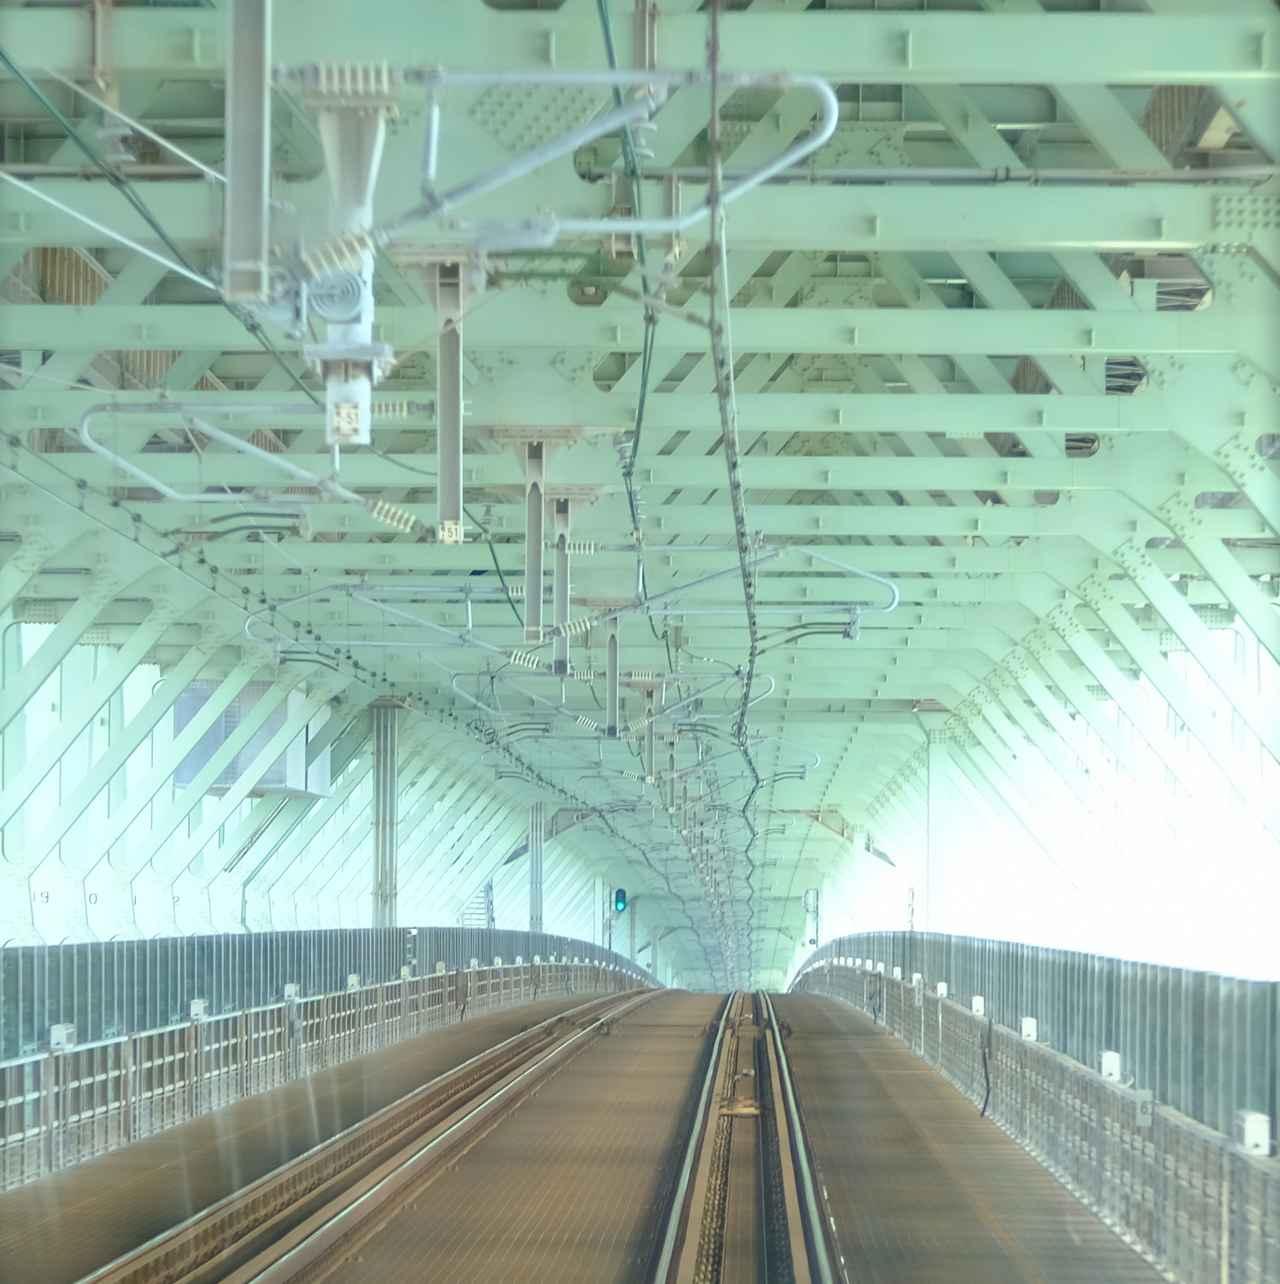 画像: 連絡橋は電車から見ても面白いです。幾重にも重なる骨組みが延々と続きます。